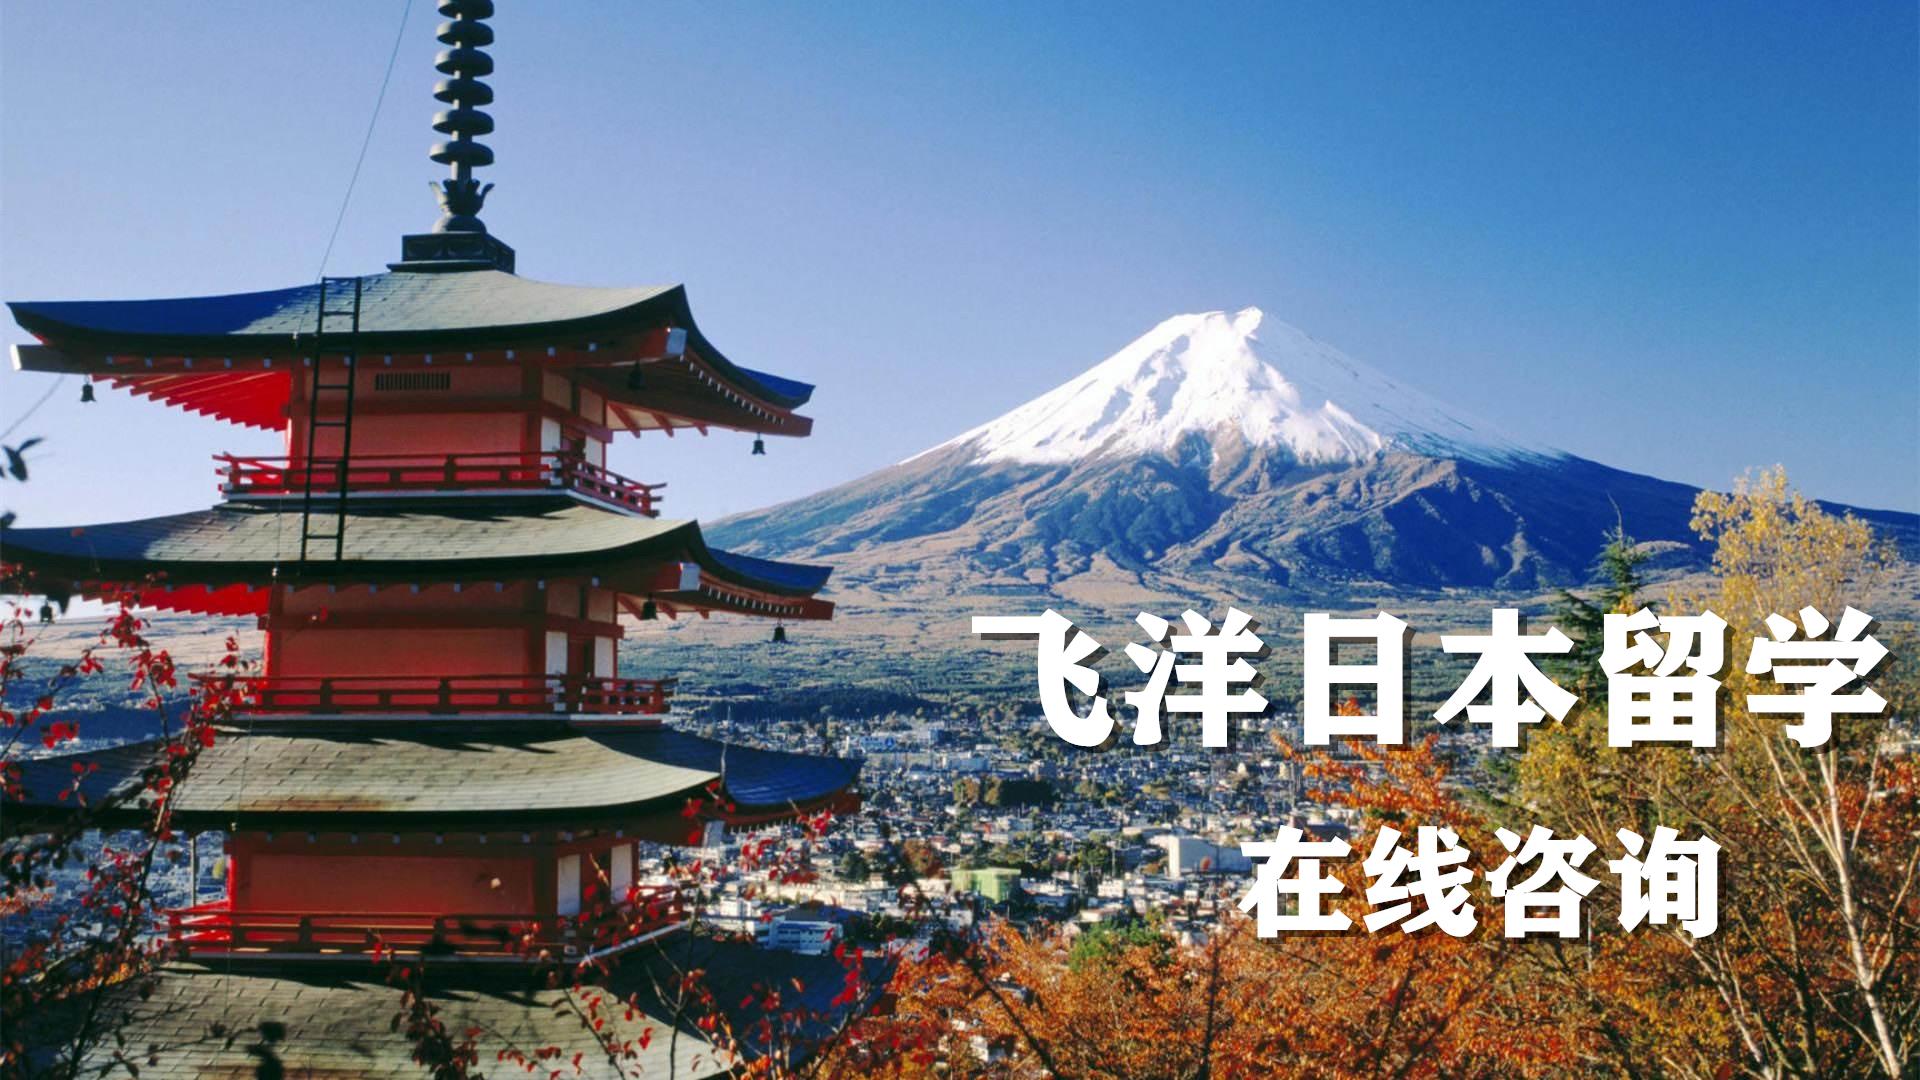 开封日本留学机构-开封申请日本留学课程